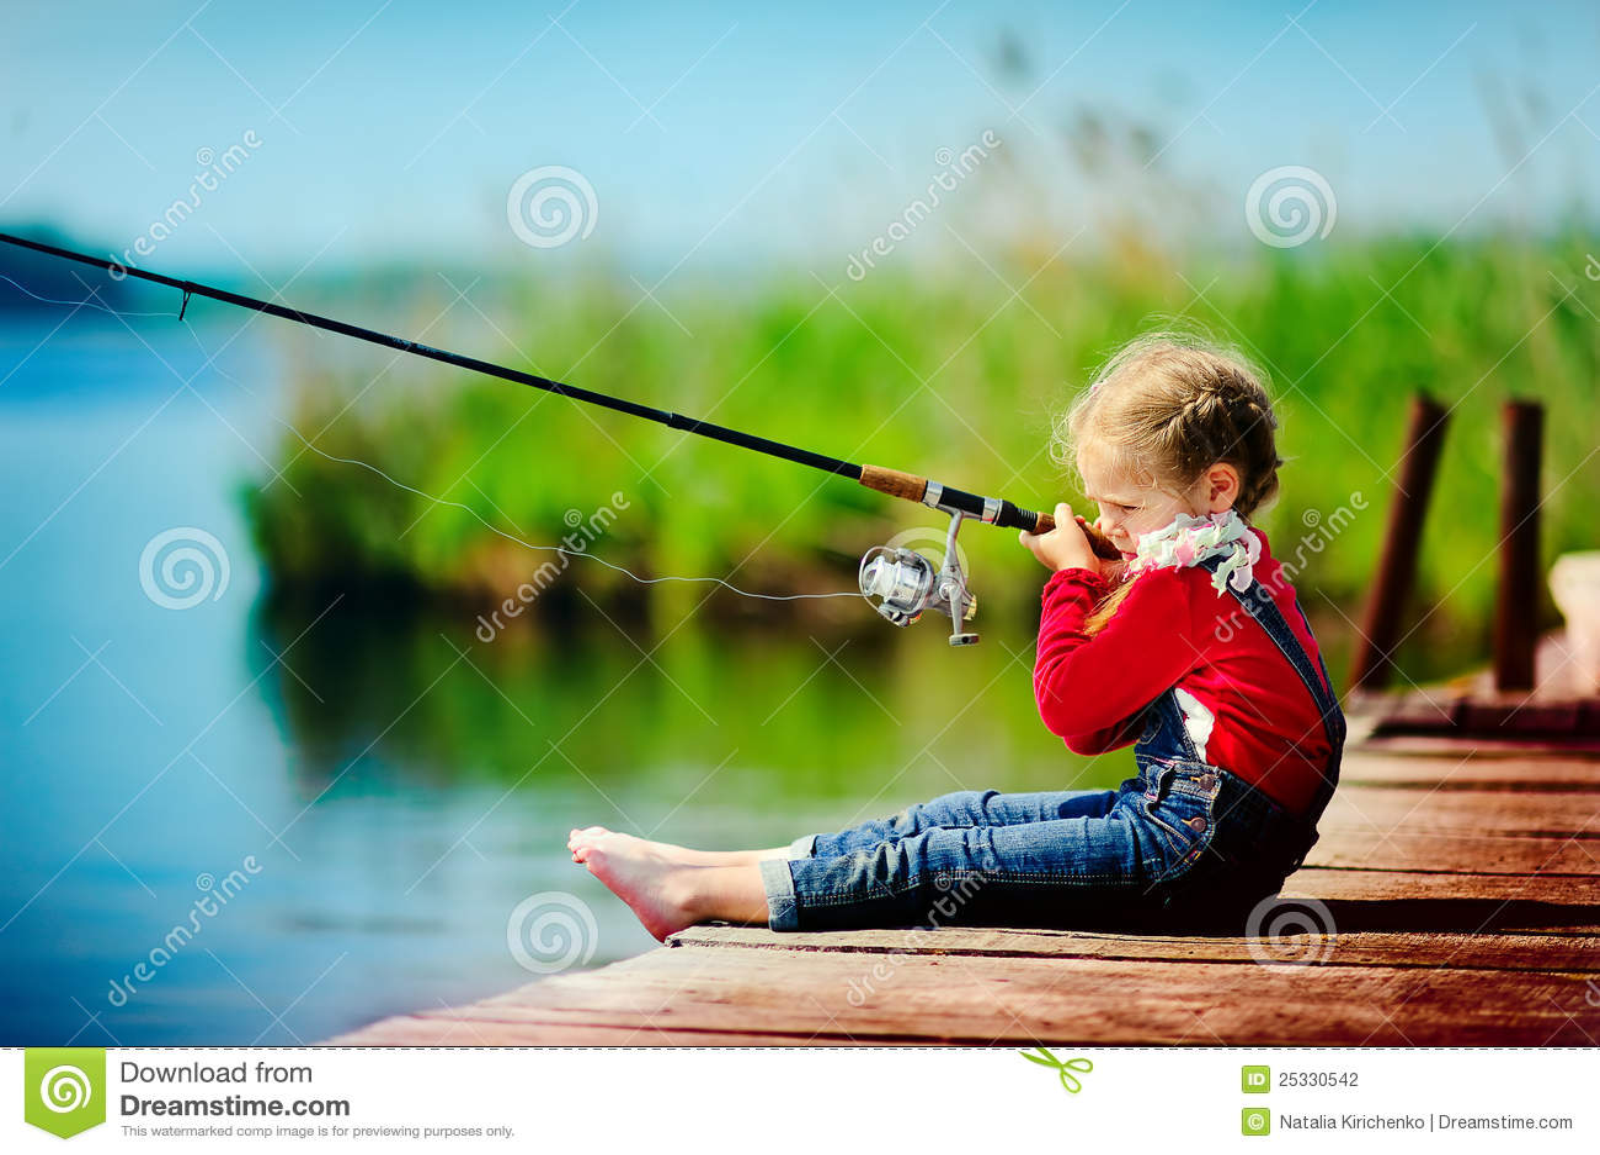 Fischen des kleinen Mädchens vom Dock auf See